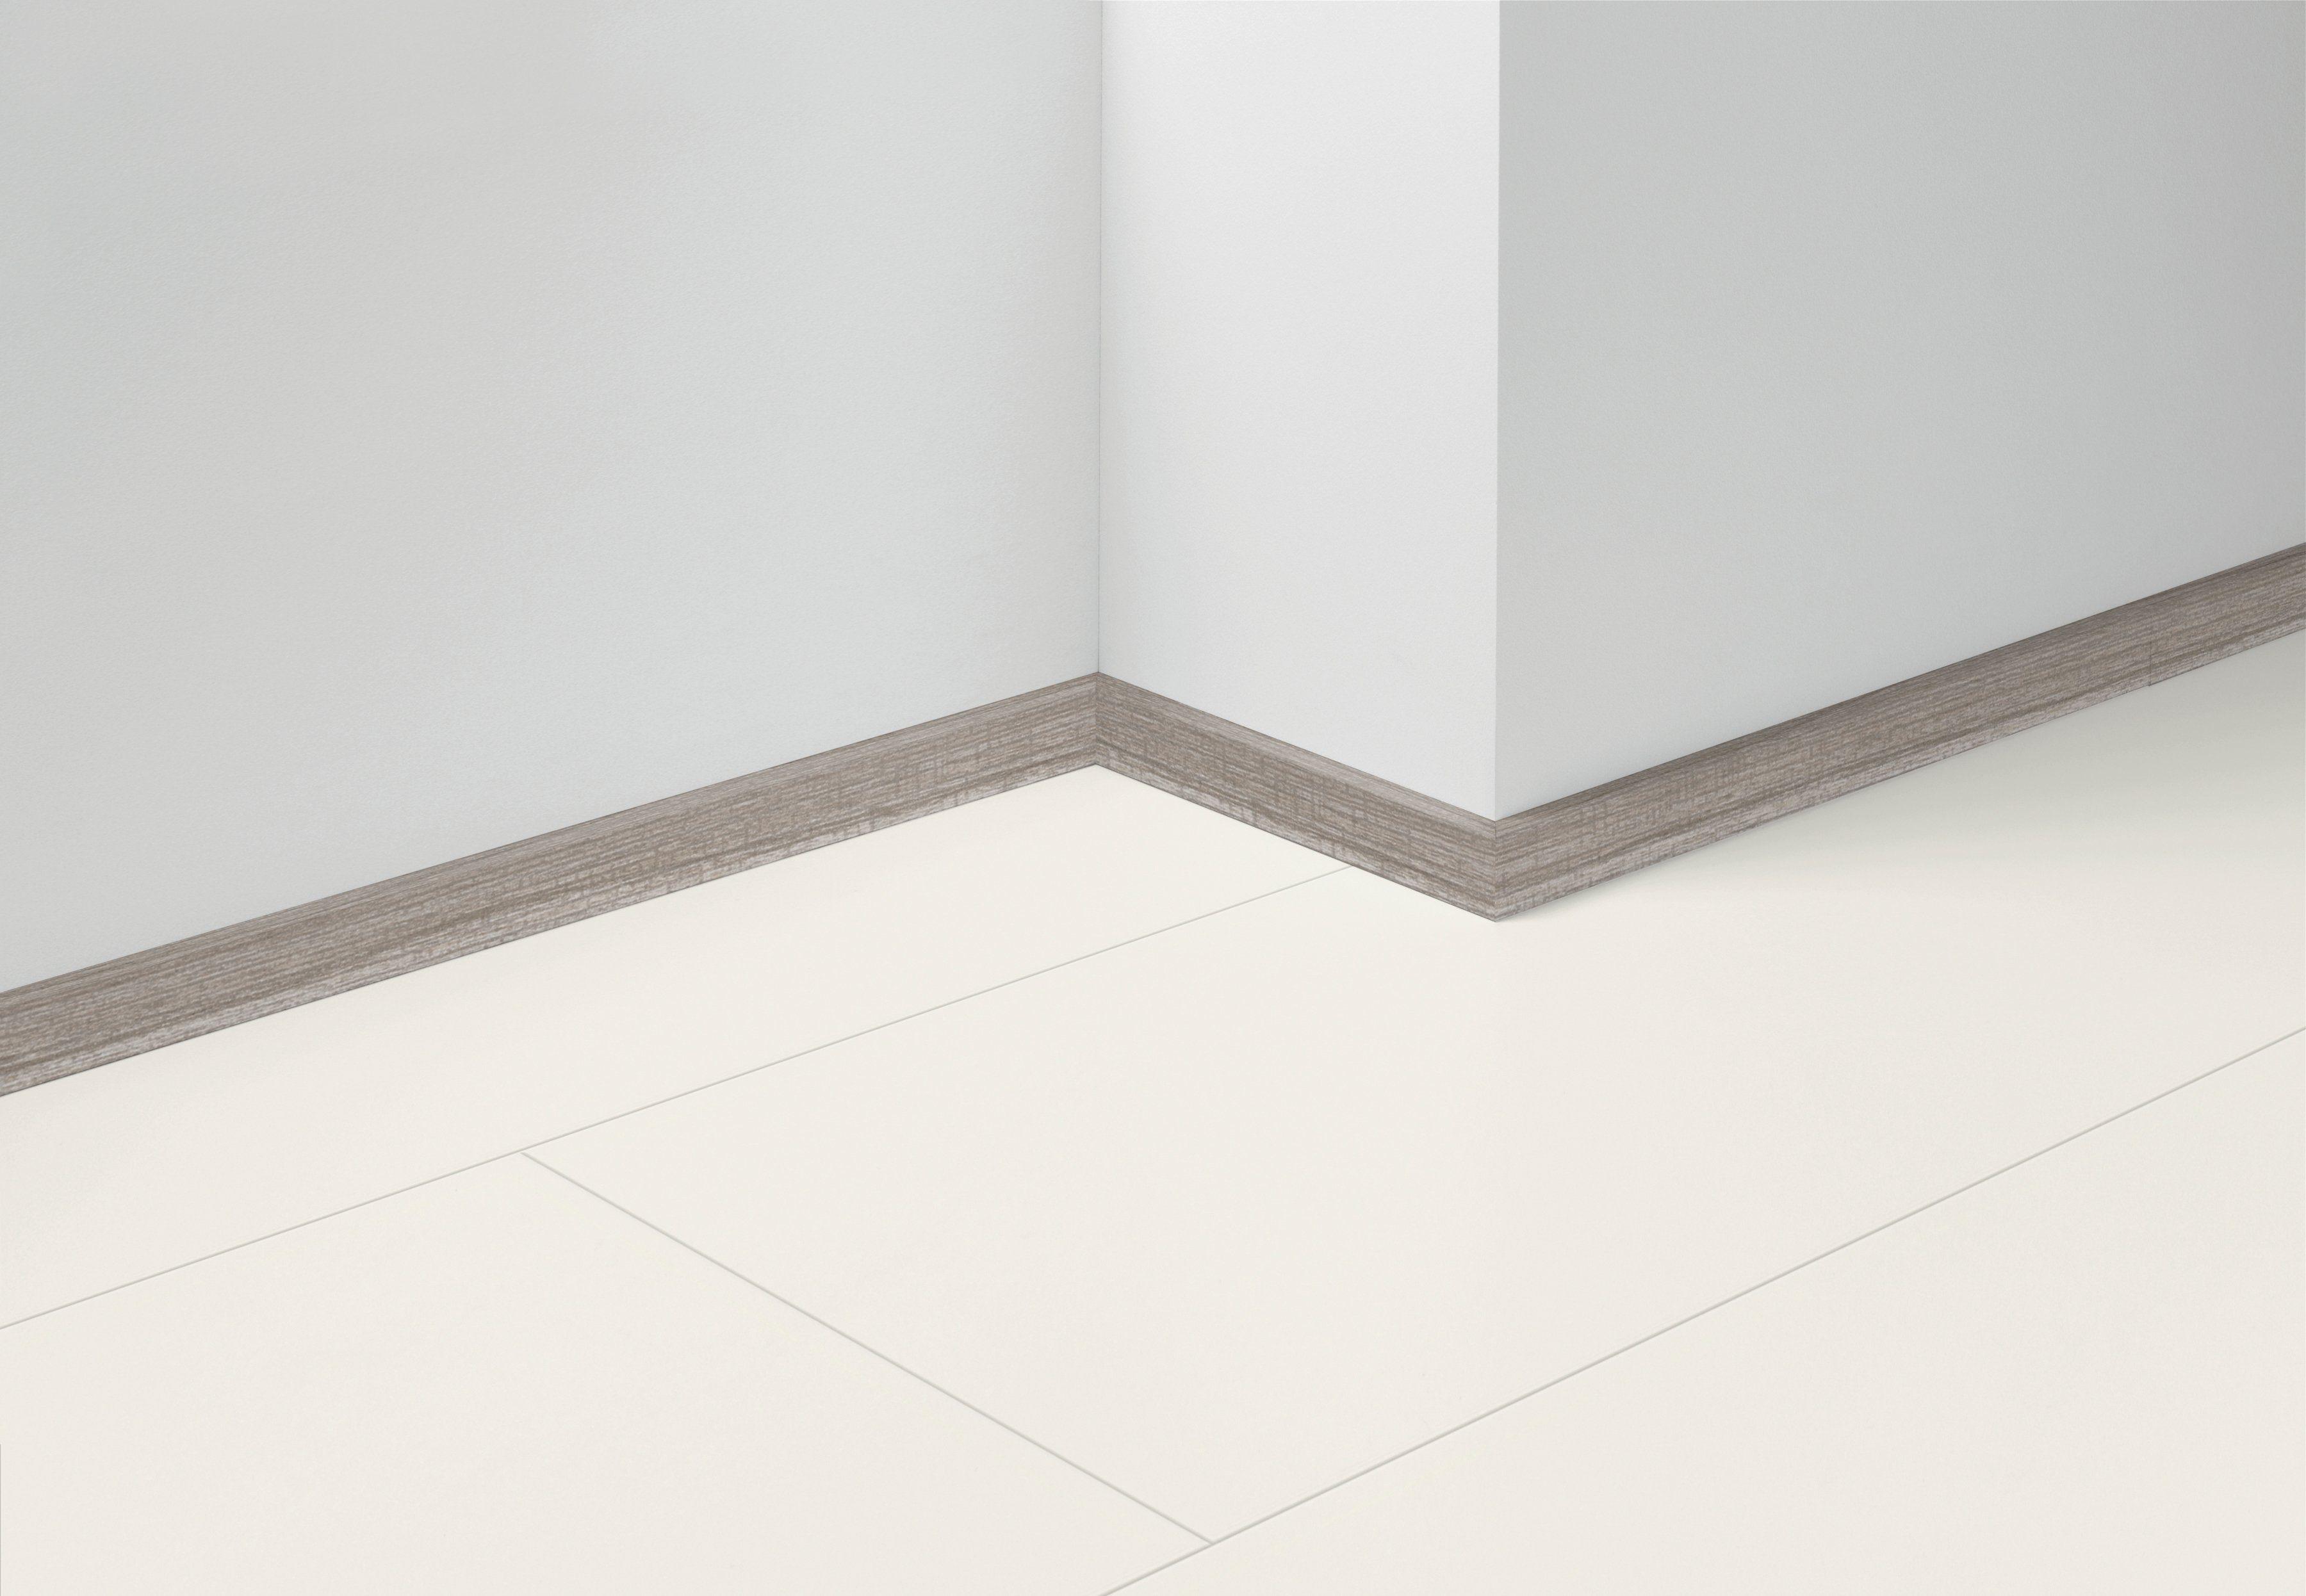 Fußboden Ohne Leisten ~ Fußleisten sockelleisten rohrabdeckleisten fußleisten welt